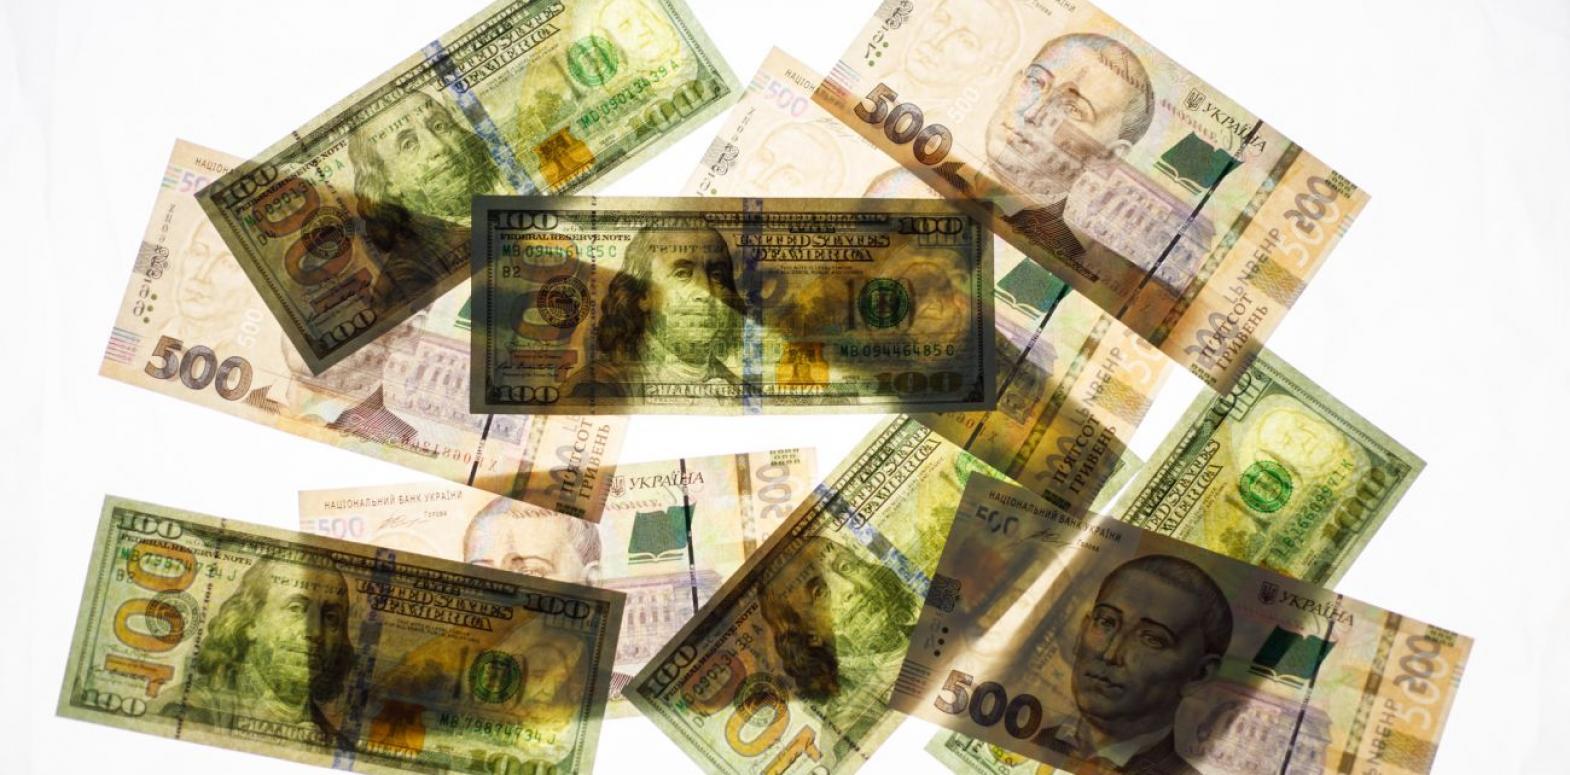 НБУ снизил на 2 июня официальный курс доллара